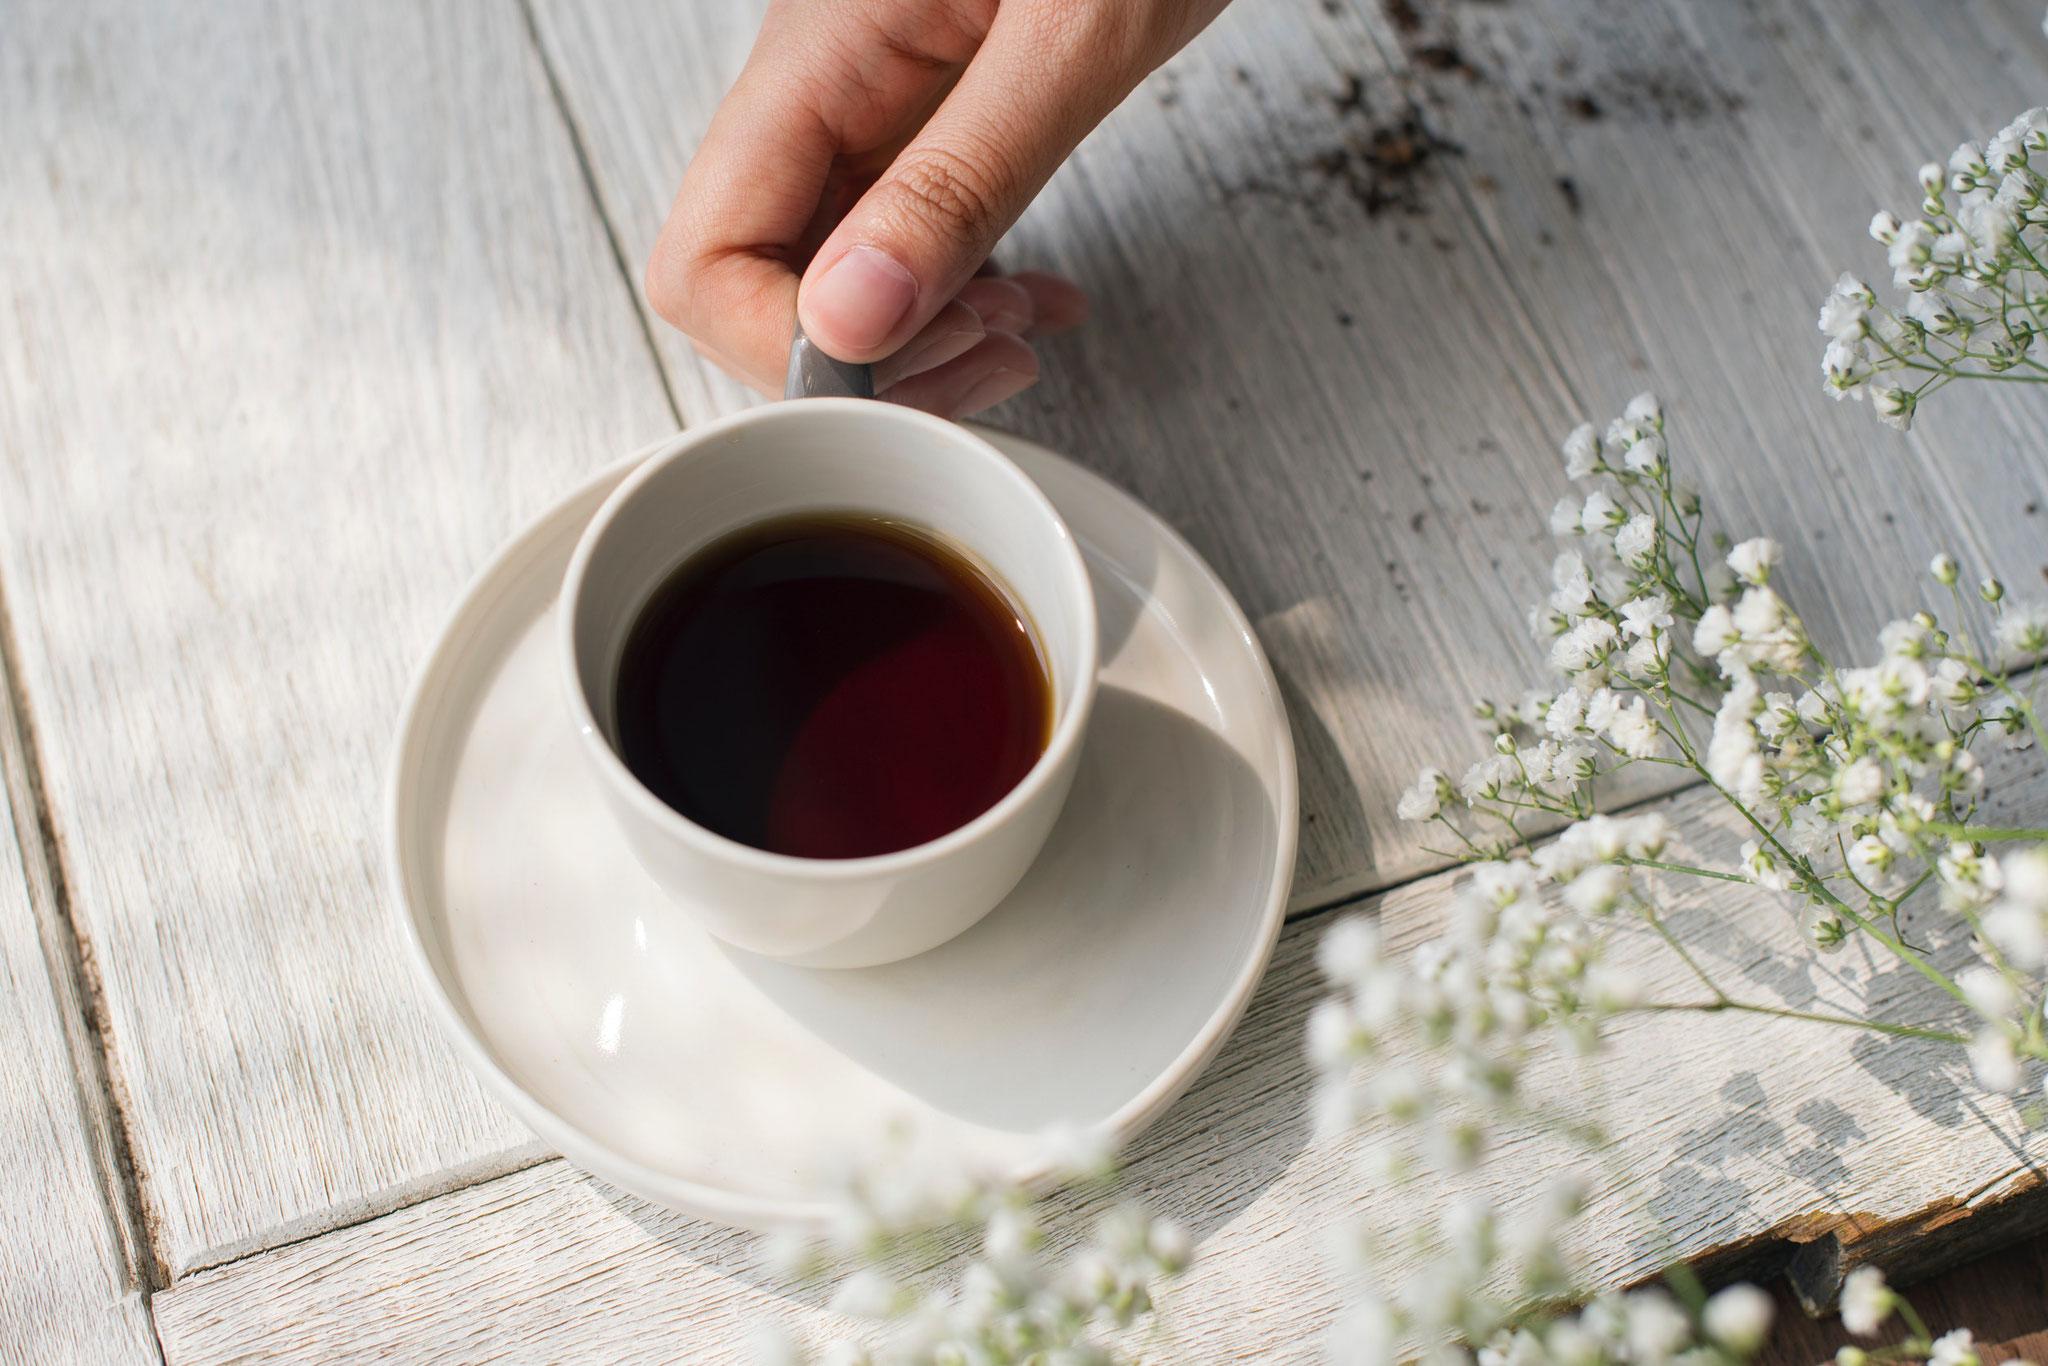 Koffein: Kaffee oder Grüner Tee als Stoffwechselbooster